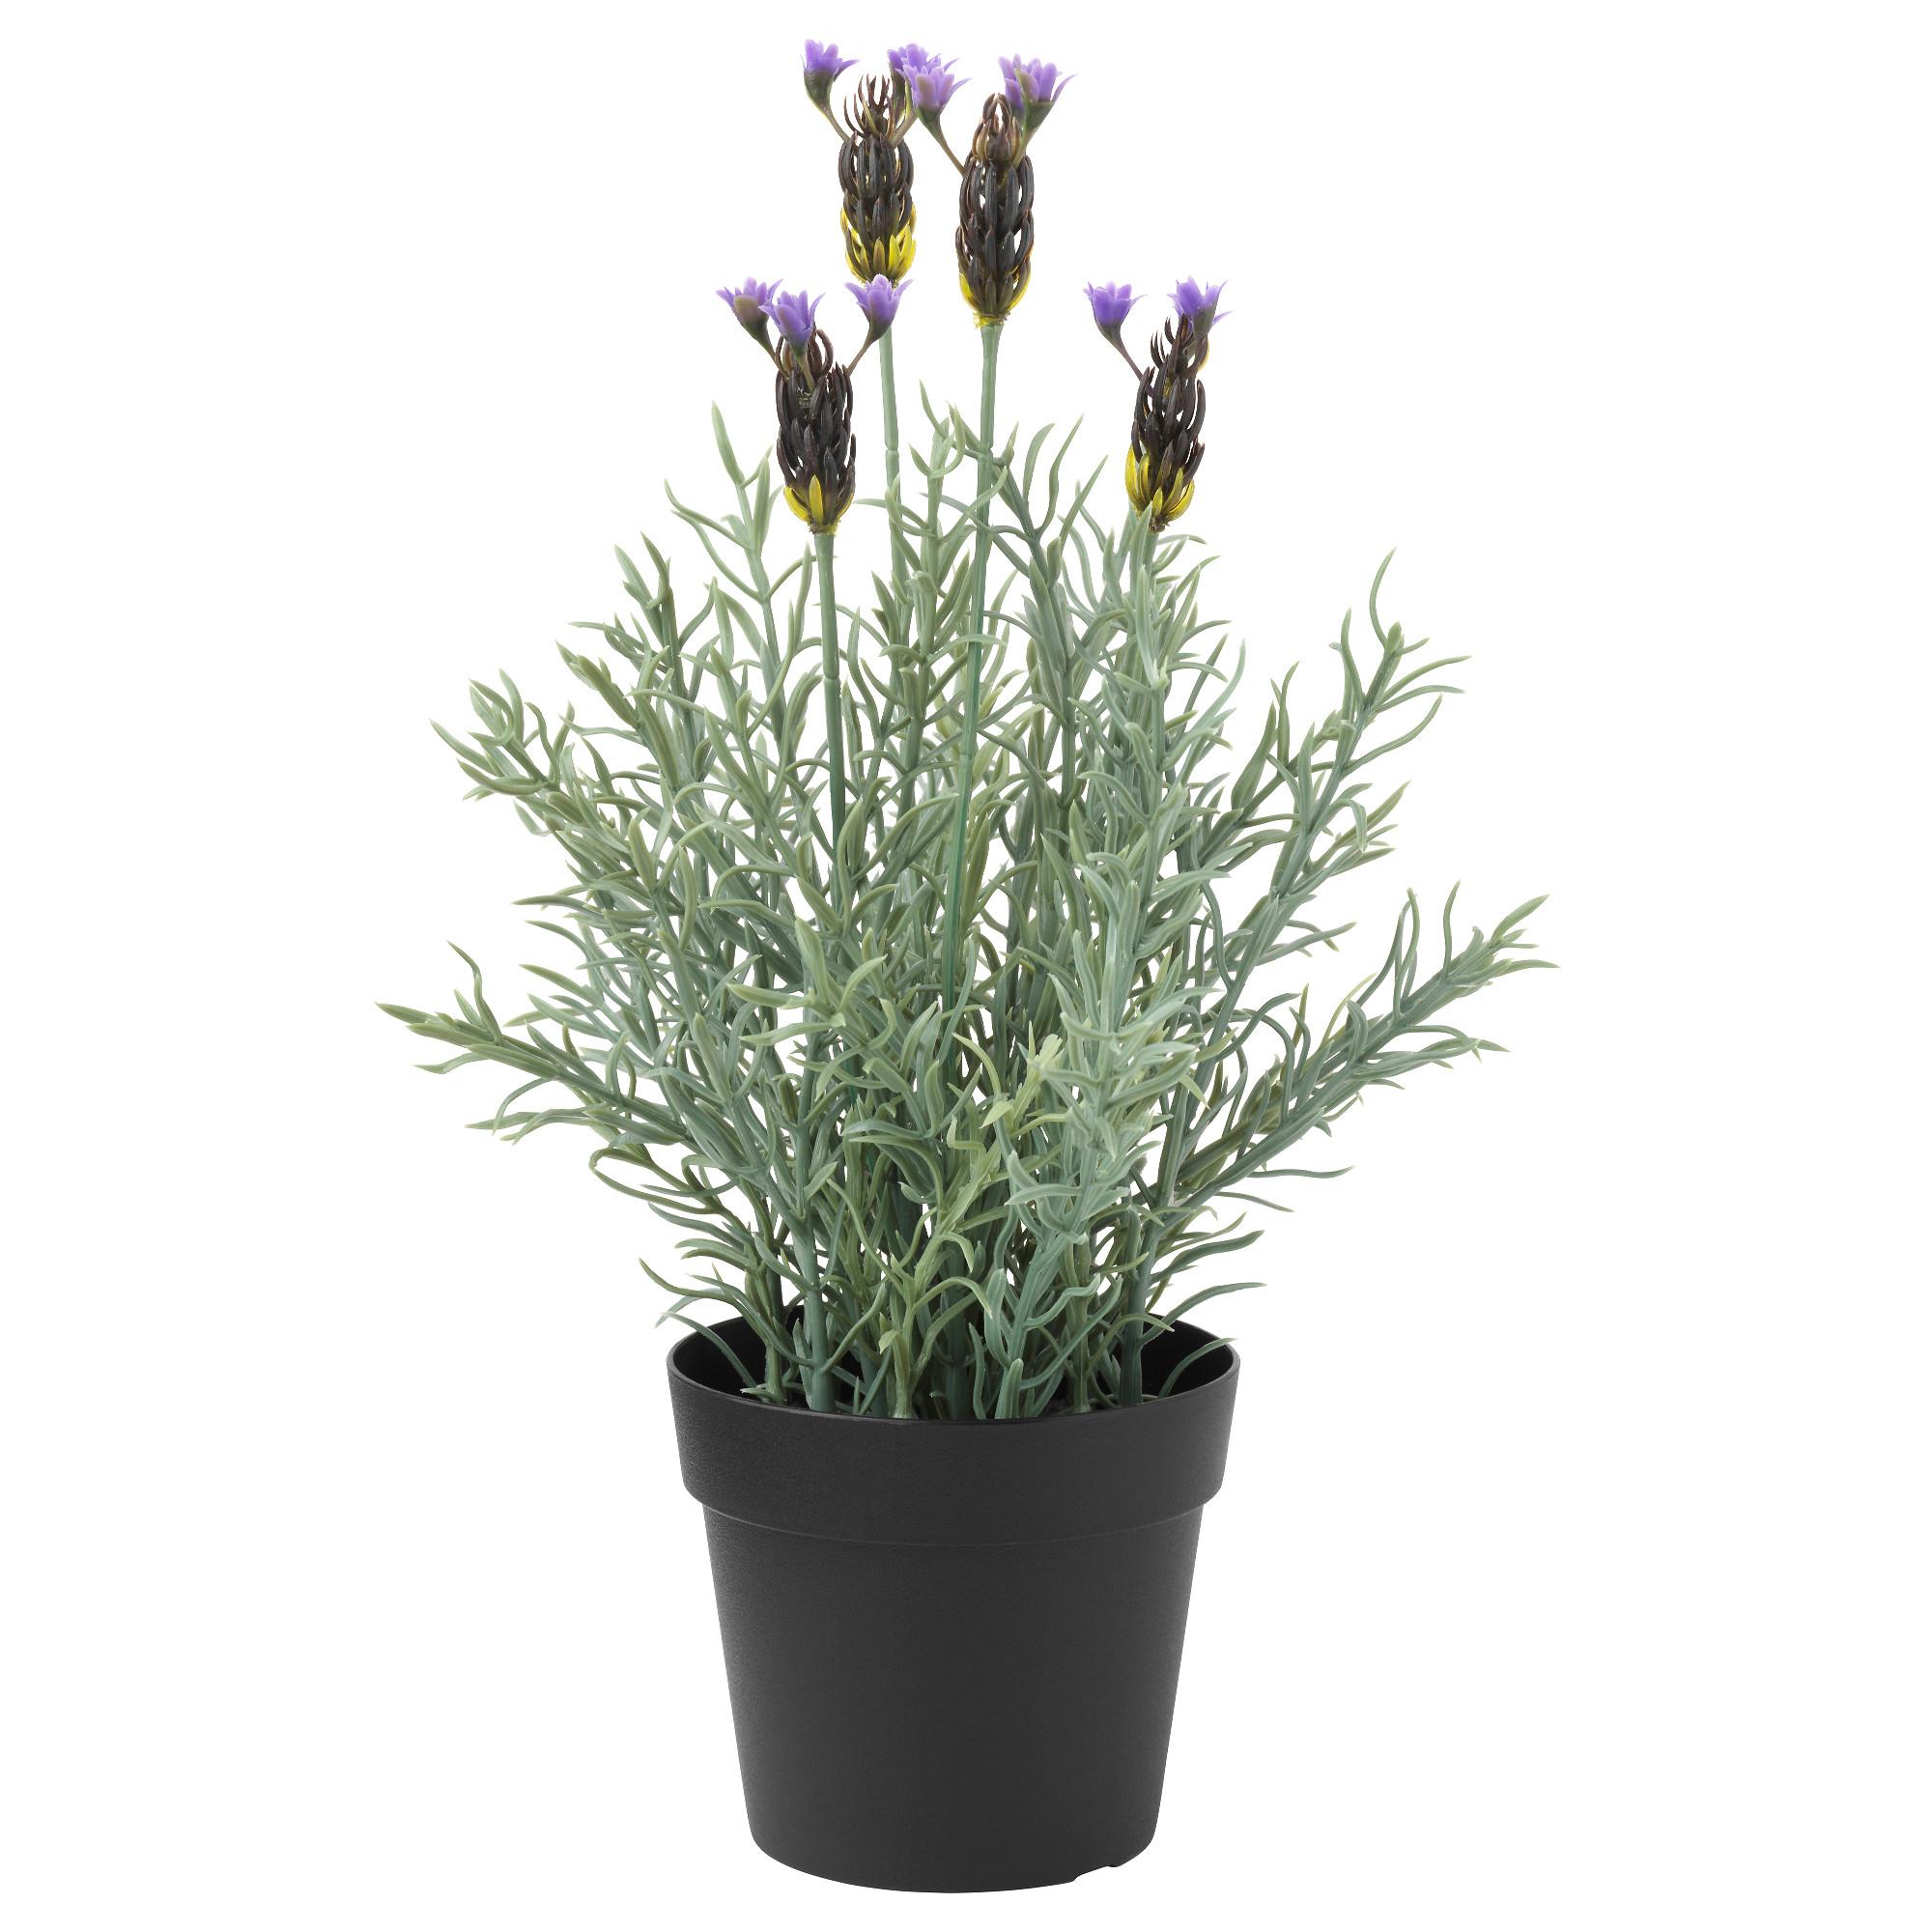 Искусственное растение в горшке ФЕЙКА артикуль № 303.397.78 в наличии. Online магазин IKEA РБ. Недорогая доставка и монтаж.